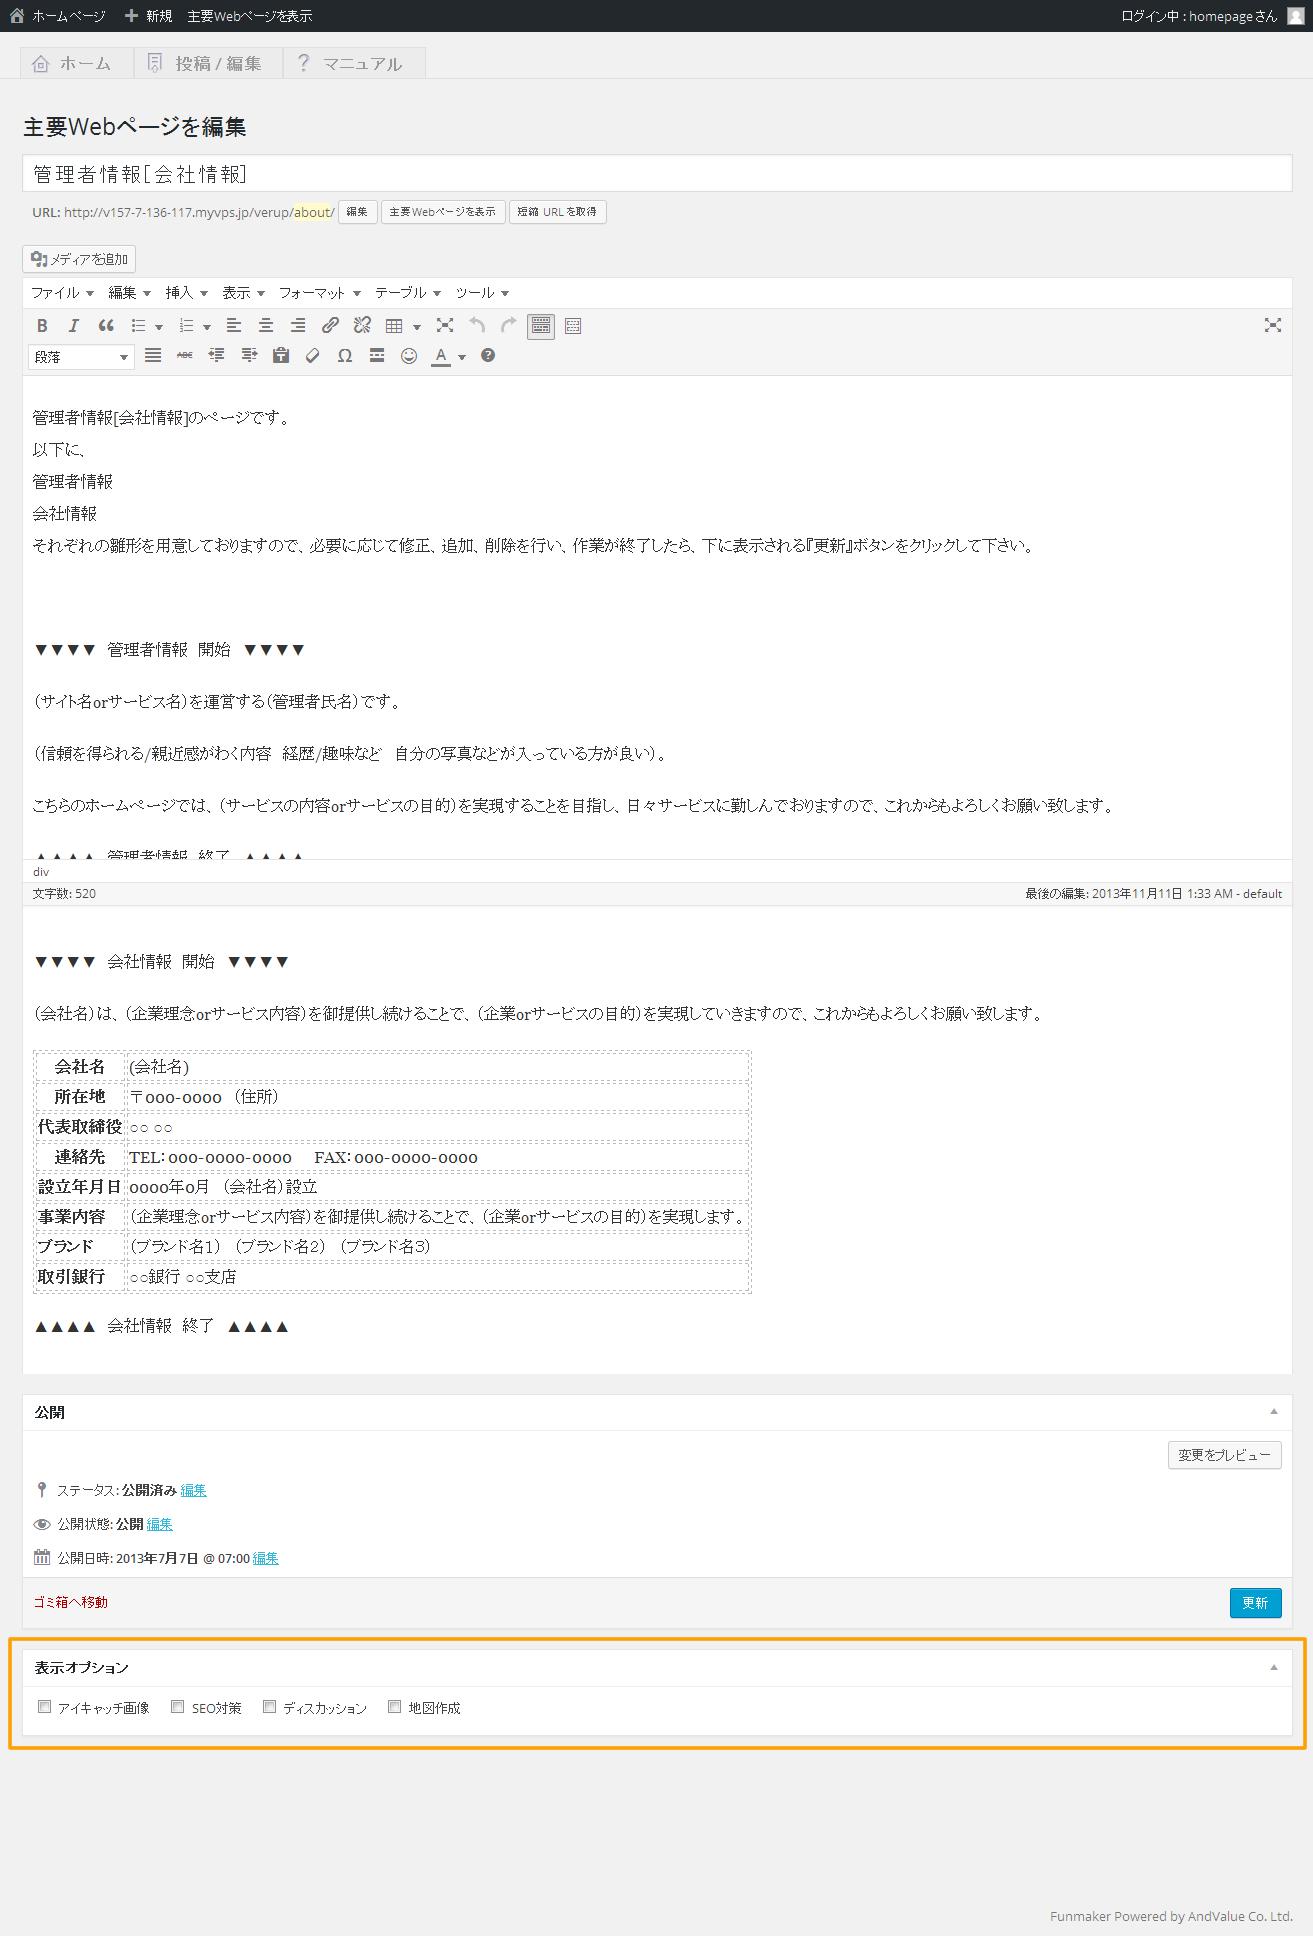 記事編集画面 表示オプション | 初期費用無料ホームページ作成サイト - FunMaker